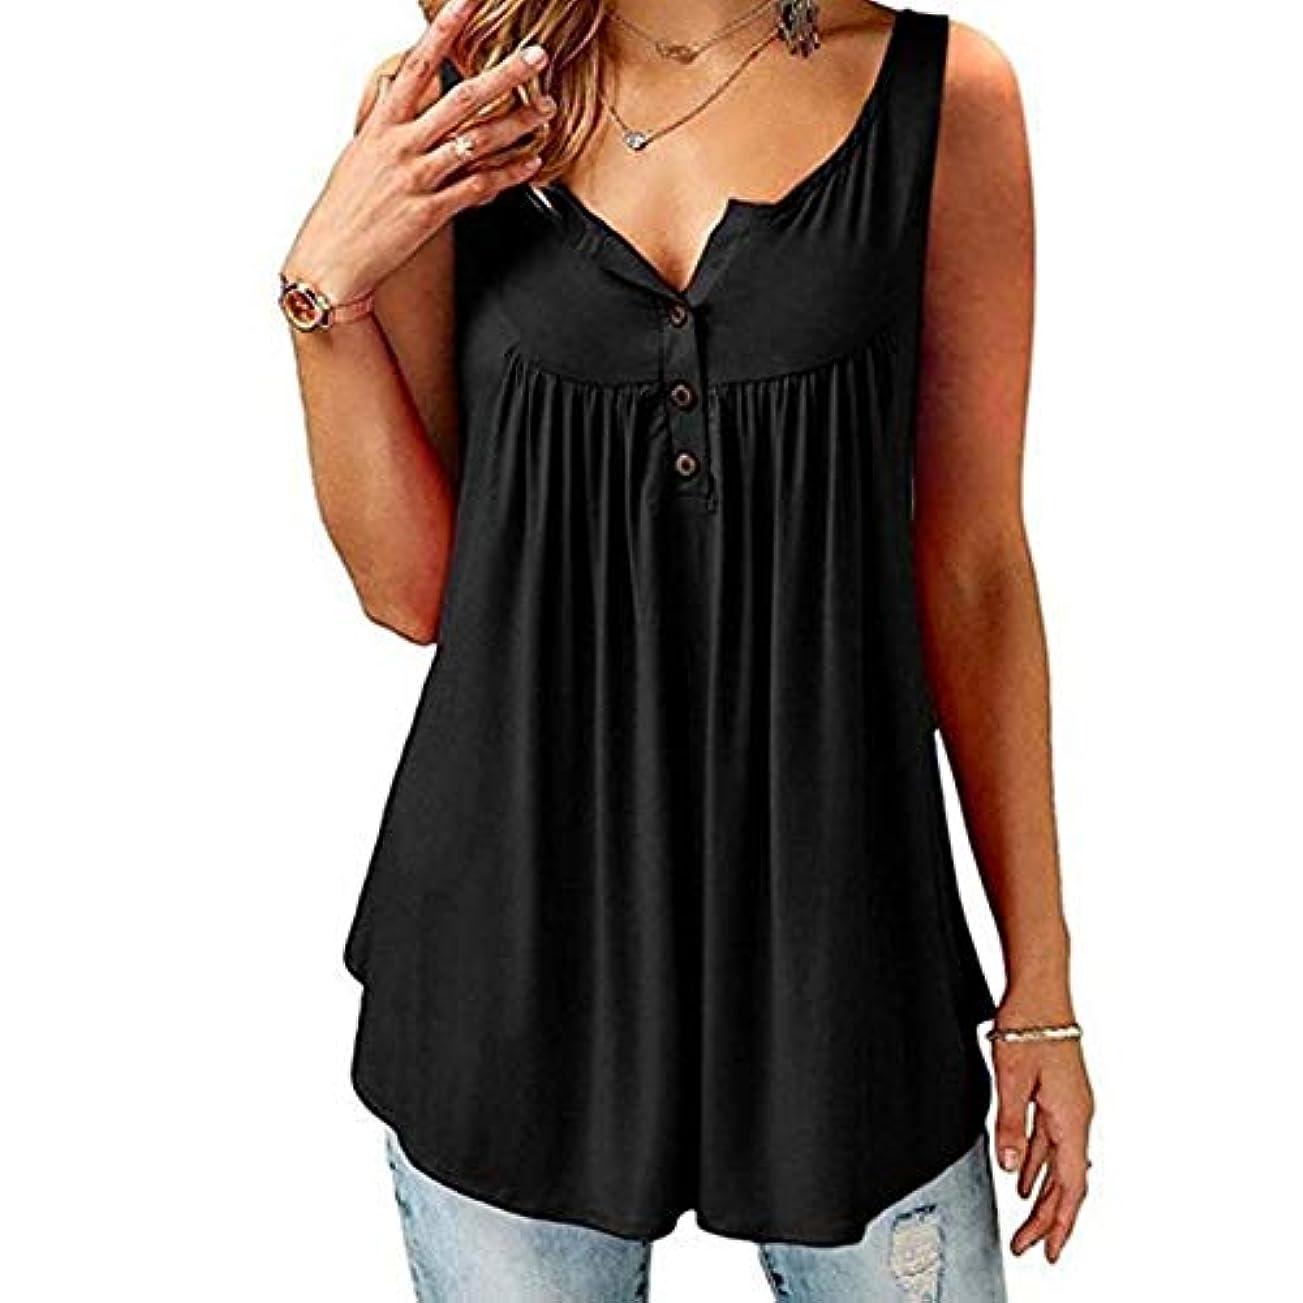 十代の若者たちフレッシュ付き添い人MIFAN の女性のドレスカジュアルな不規則なドレスルースサマービーチTシャツドレス